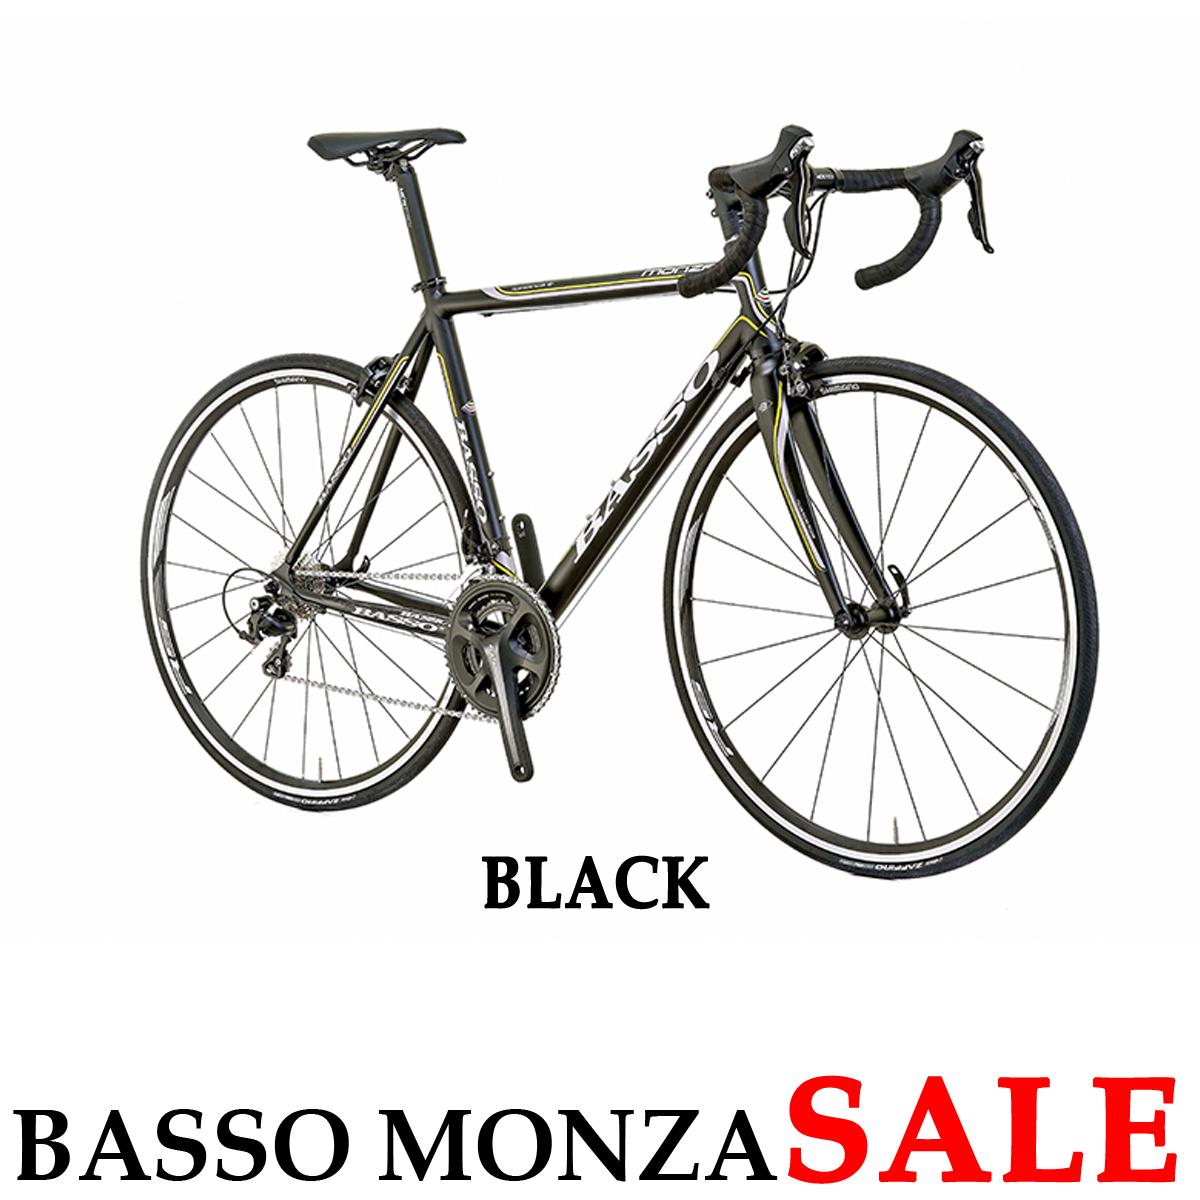 【2018年モデル】BASSO(バッソ) MONZA(モンツァ)【プロの整備士による整備組付済】ロードバイク